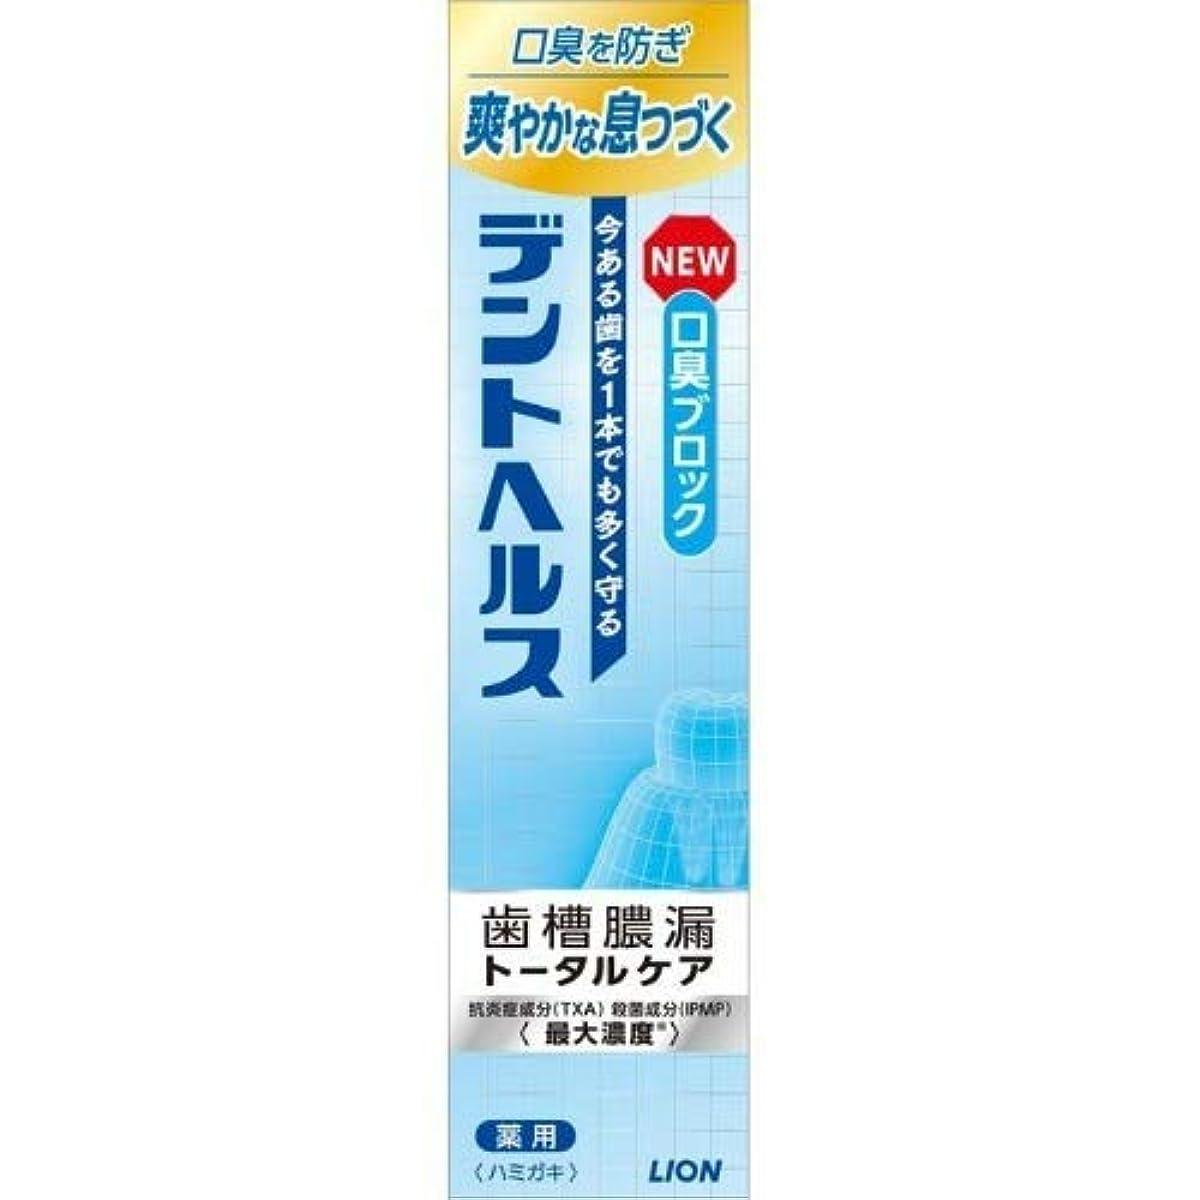 すすり泣き太字ダイバーデントヘルス薬用ハミガキ 口臭ブロック115G × 2個セット